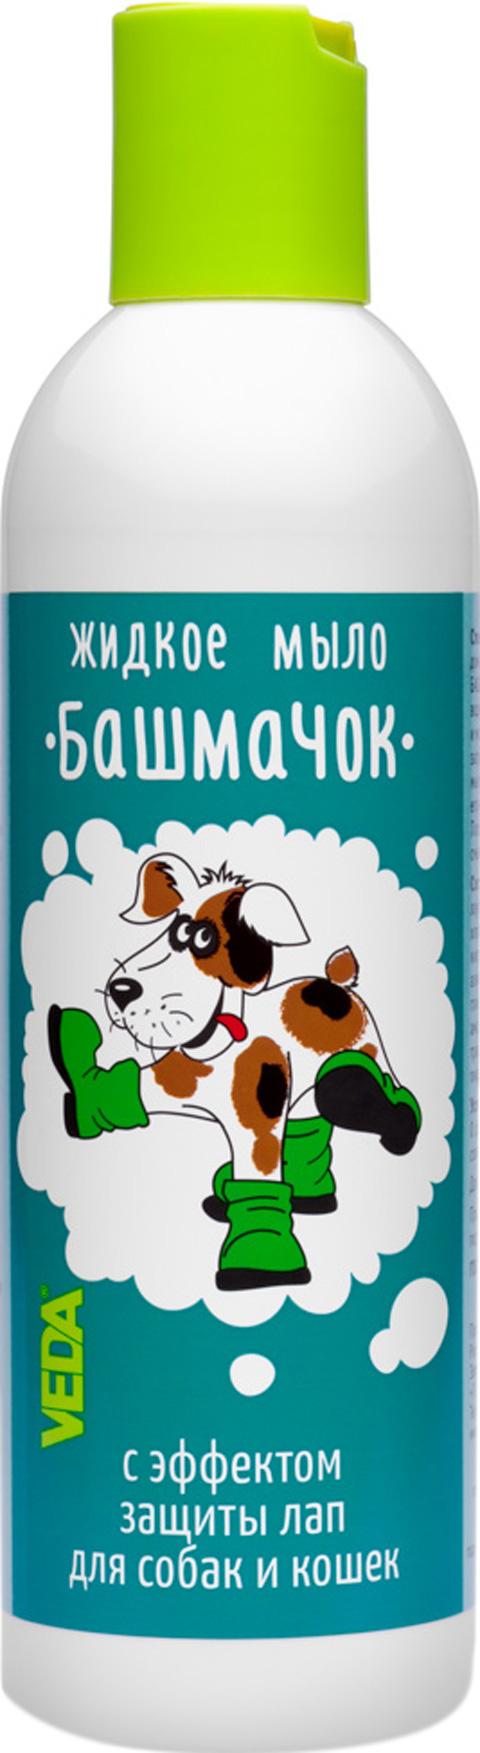 башмачок мыло жидкое для собак и кошек